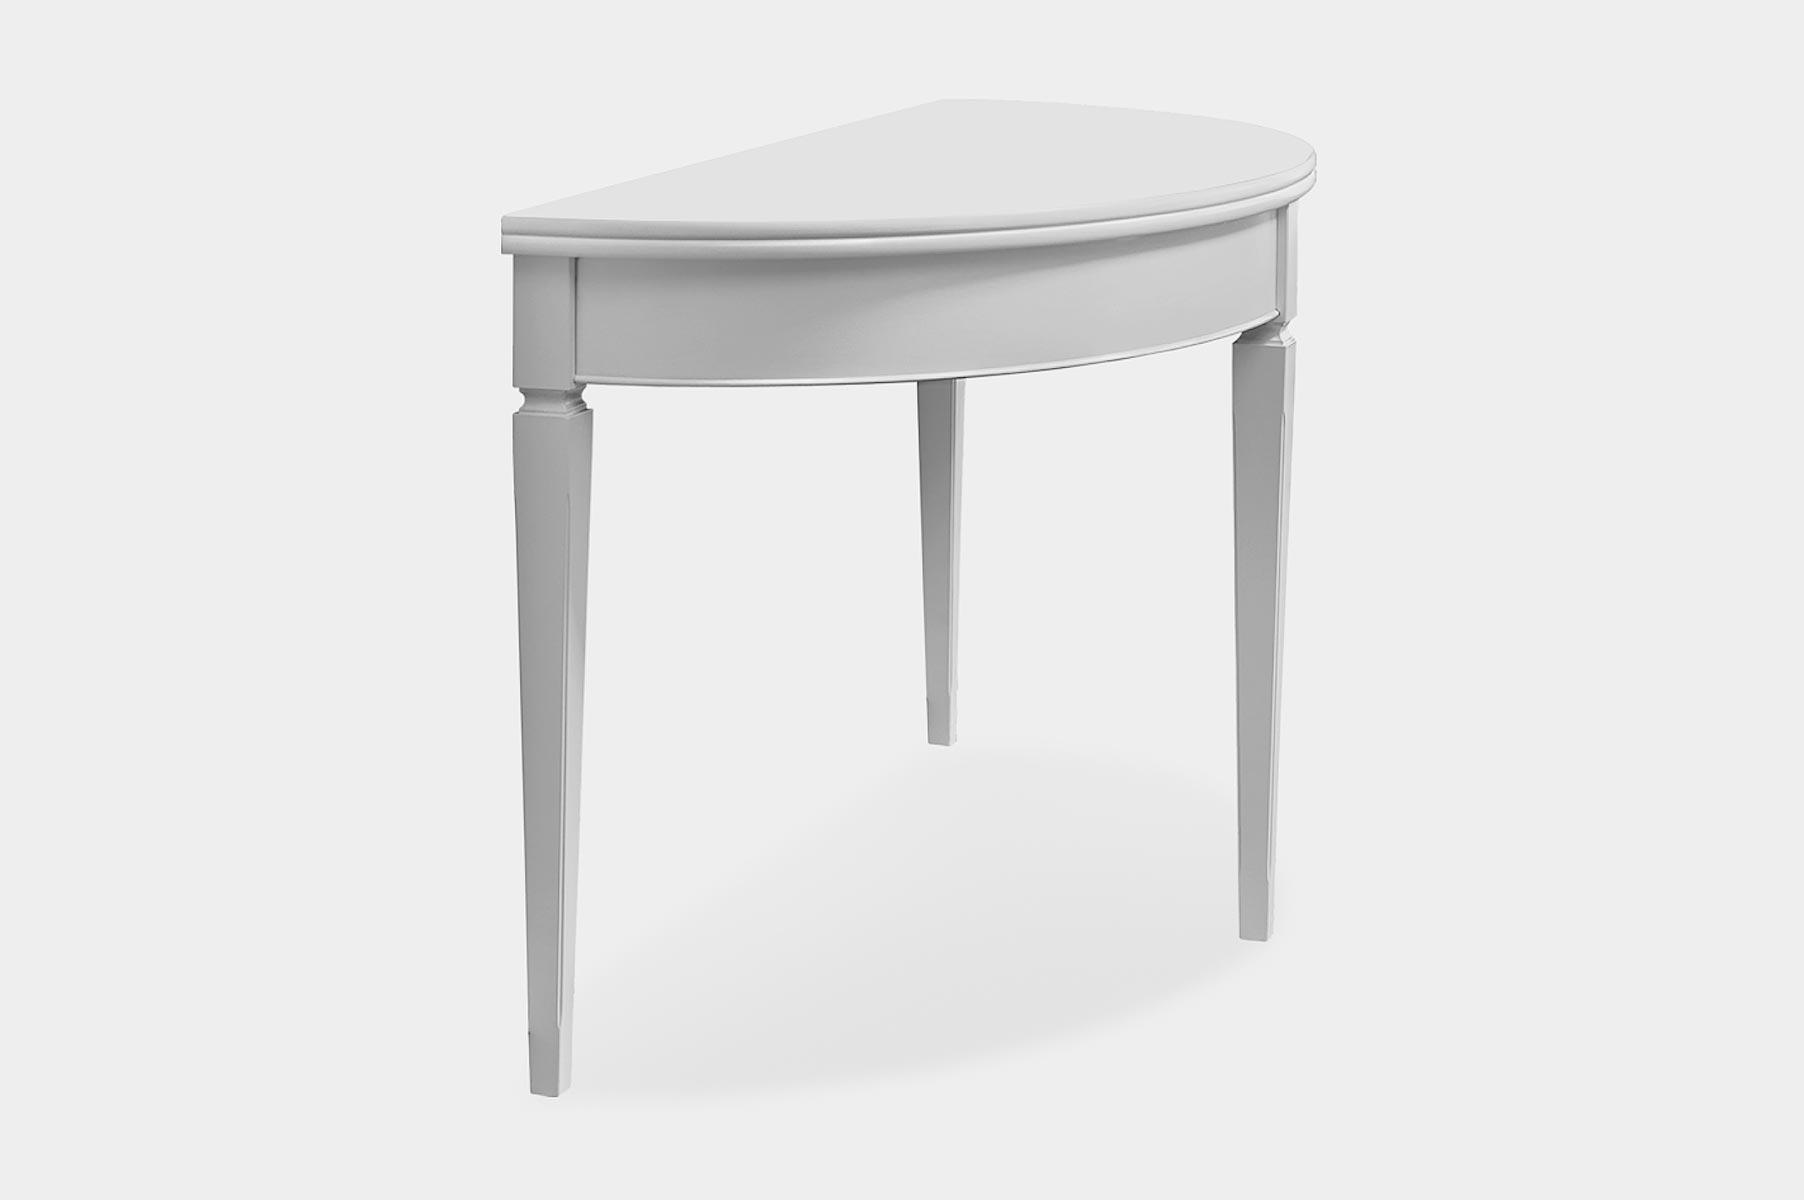 Угловой предмет мебели